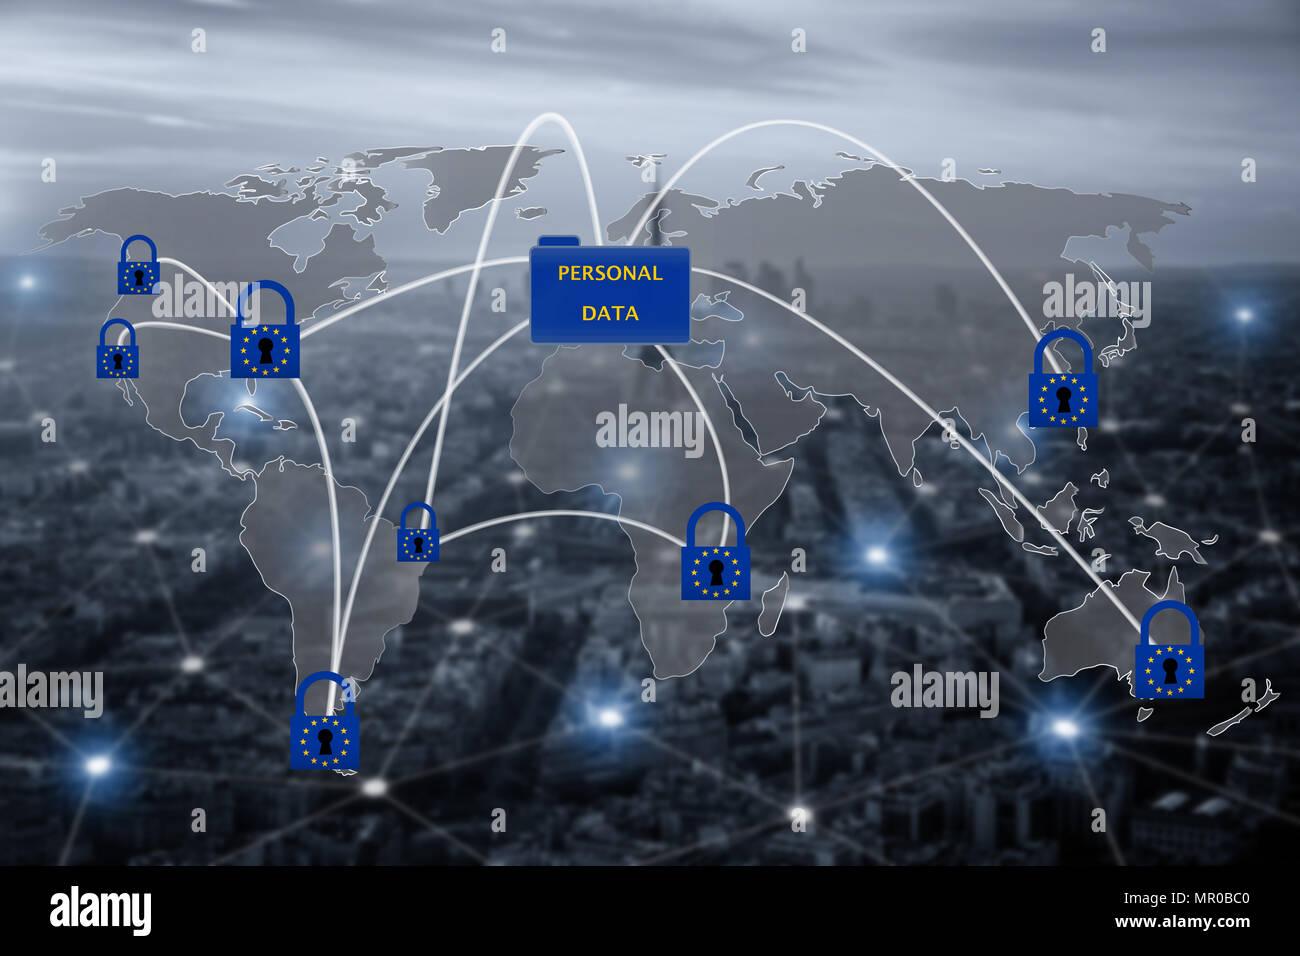 Lucchetto sulla mappa dell'UE, che simboleggiano i generali dell Unione europea in materia di protezione dei dati o di regolamento il PILR. Progettato per armonizzare le leggi sulla privacy dei dati in tutta l'Europa. Immagini Stock